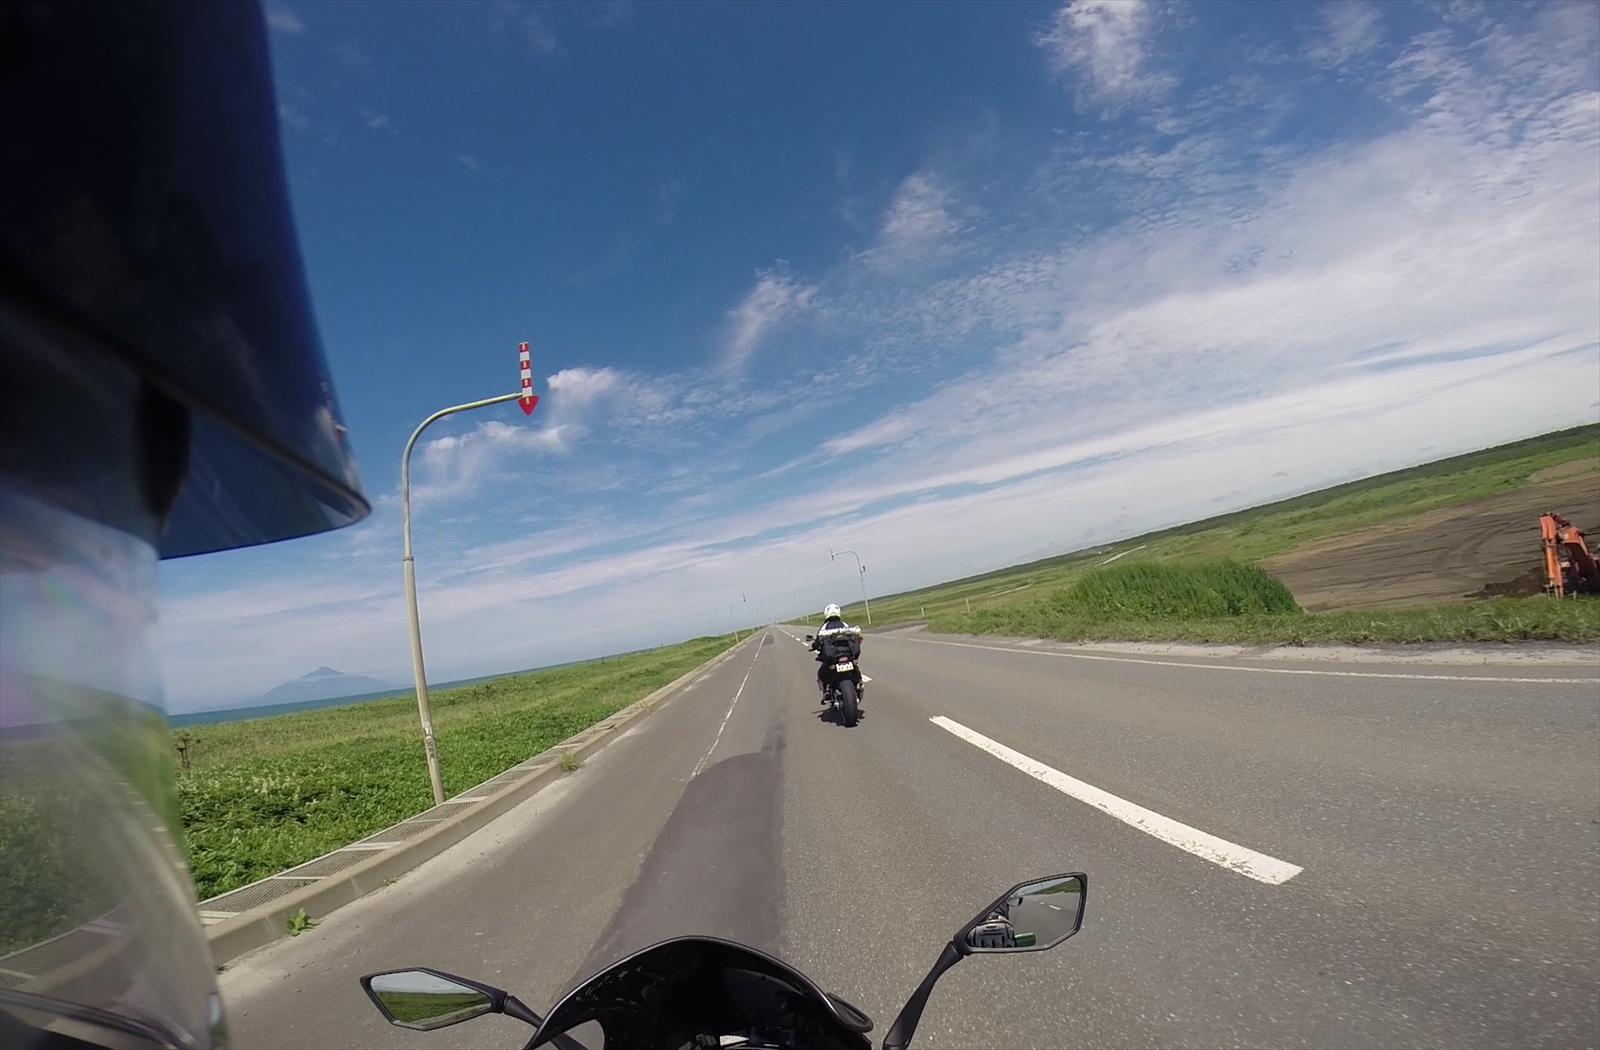 vlcsnap-2015-08-18-20h29m38s508.jpg